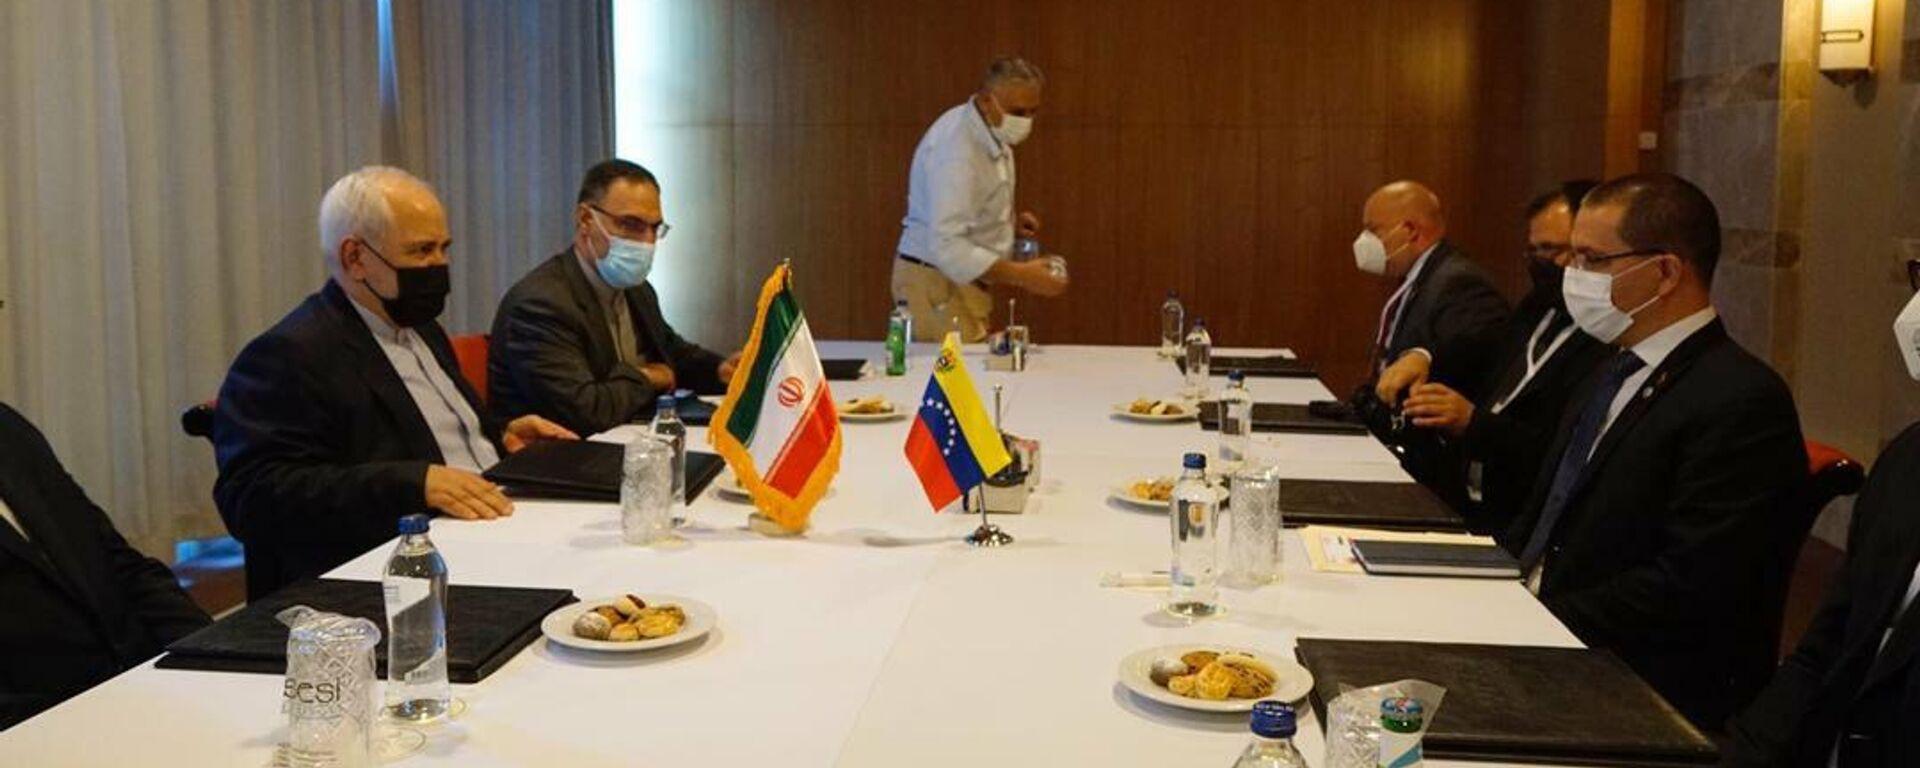 El canciller iraní, Mohammad Javad Zarif y el canciller de Venezuela, Jorge Arreaza - Sputnik Mundo, 1920, 18.06.2021